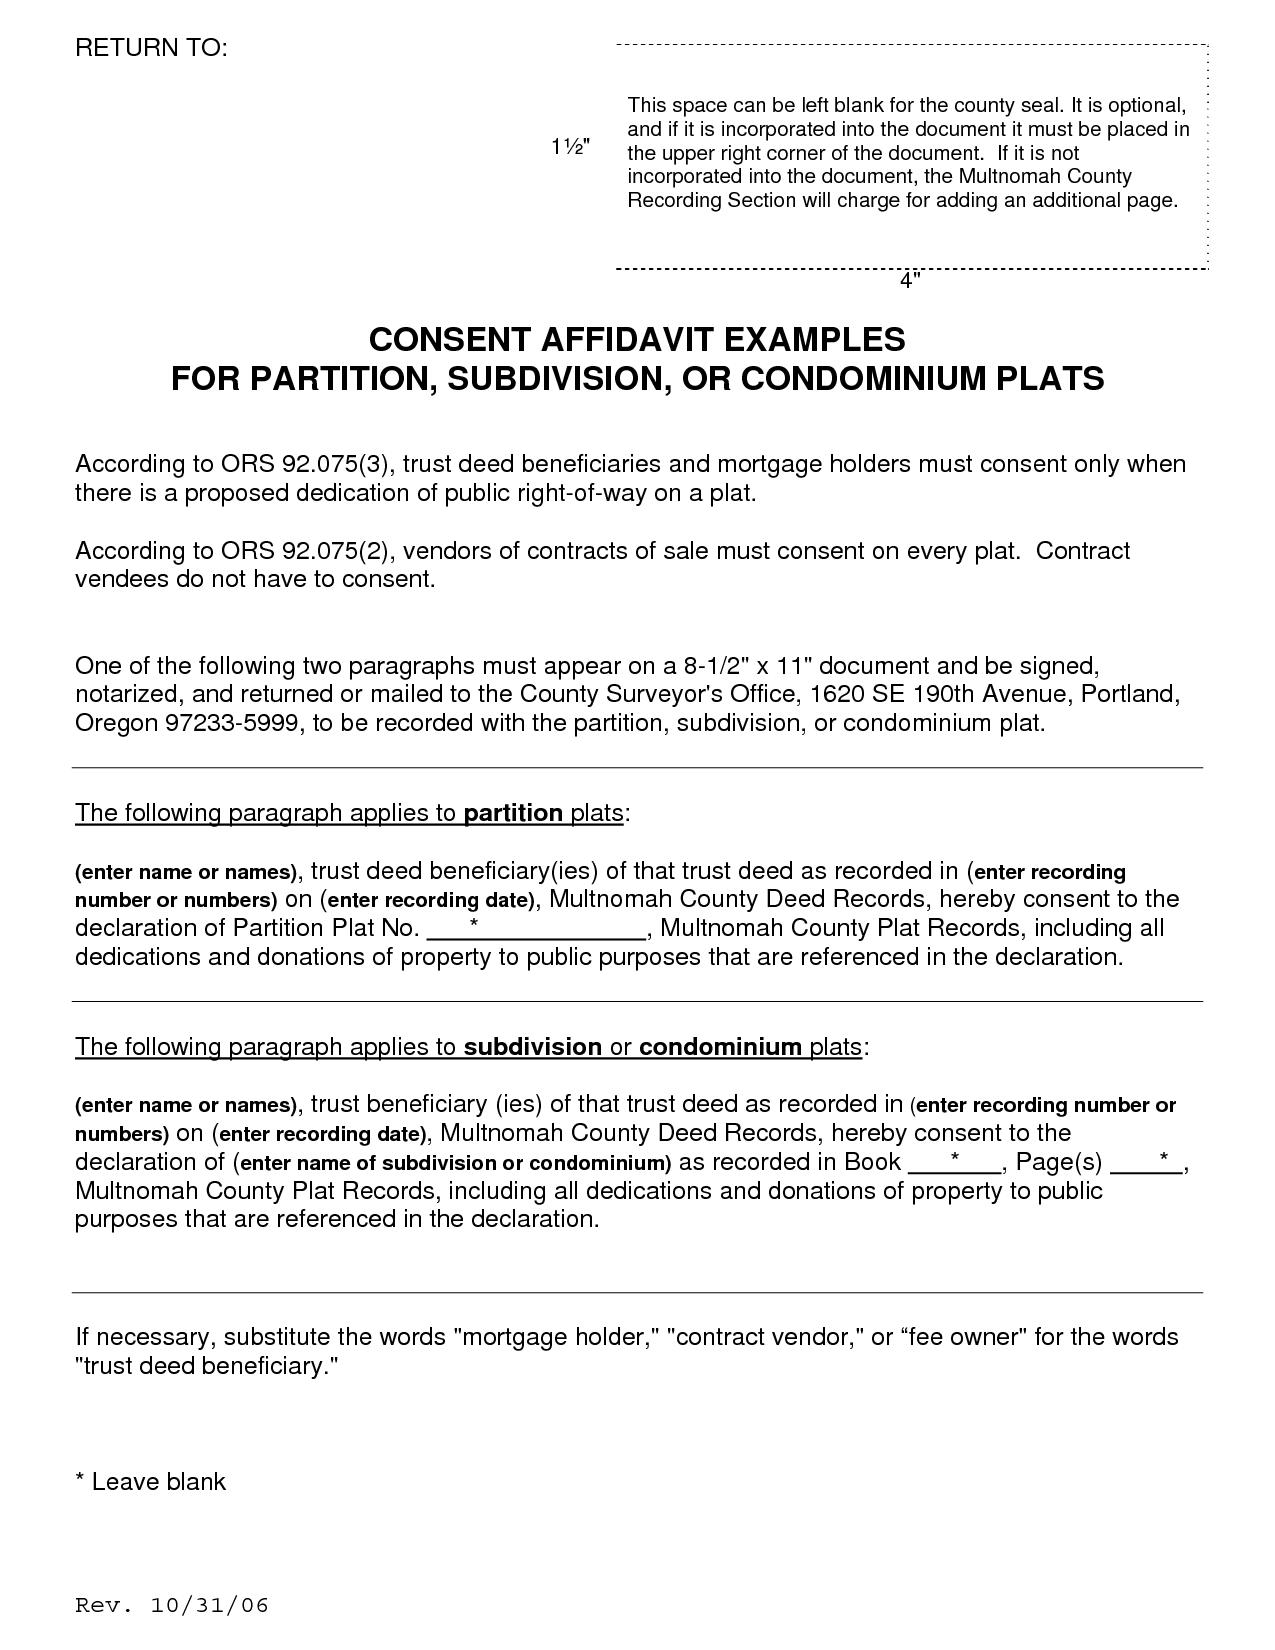 affidavit samples comcast cable installer cover letter